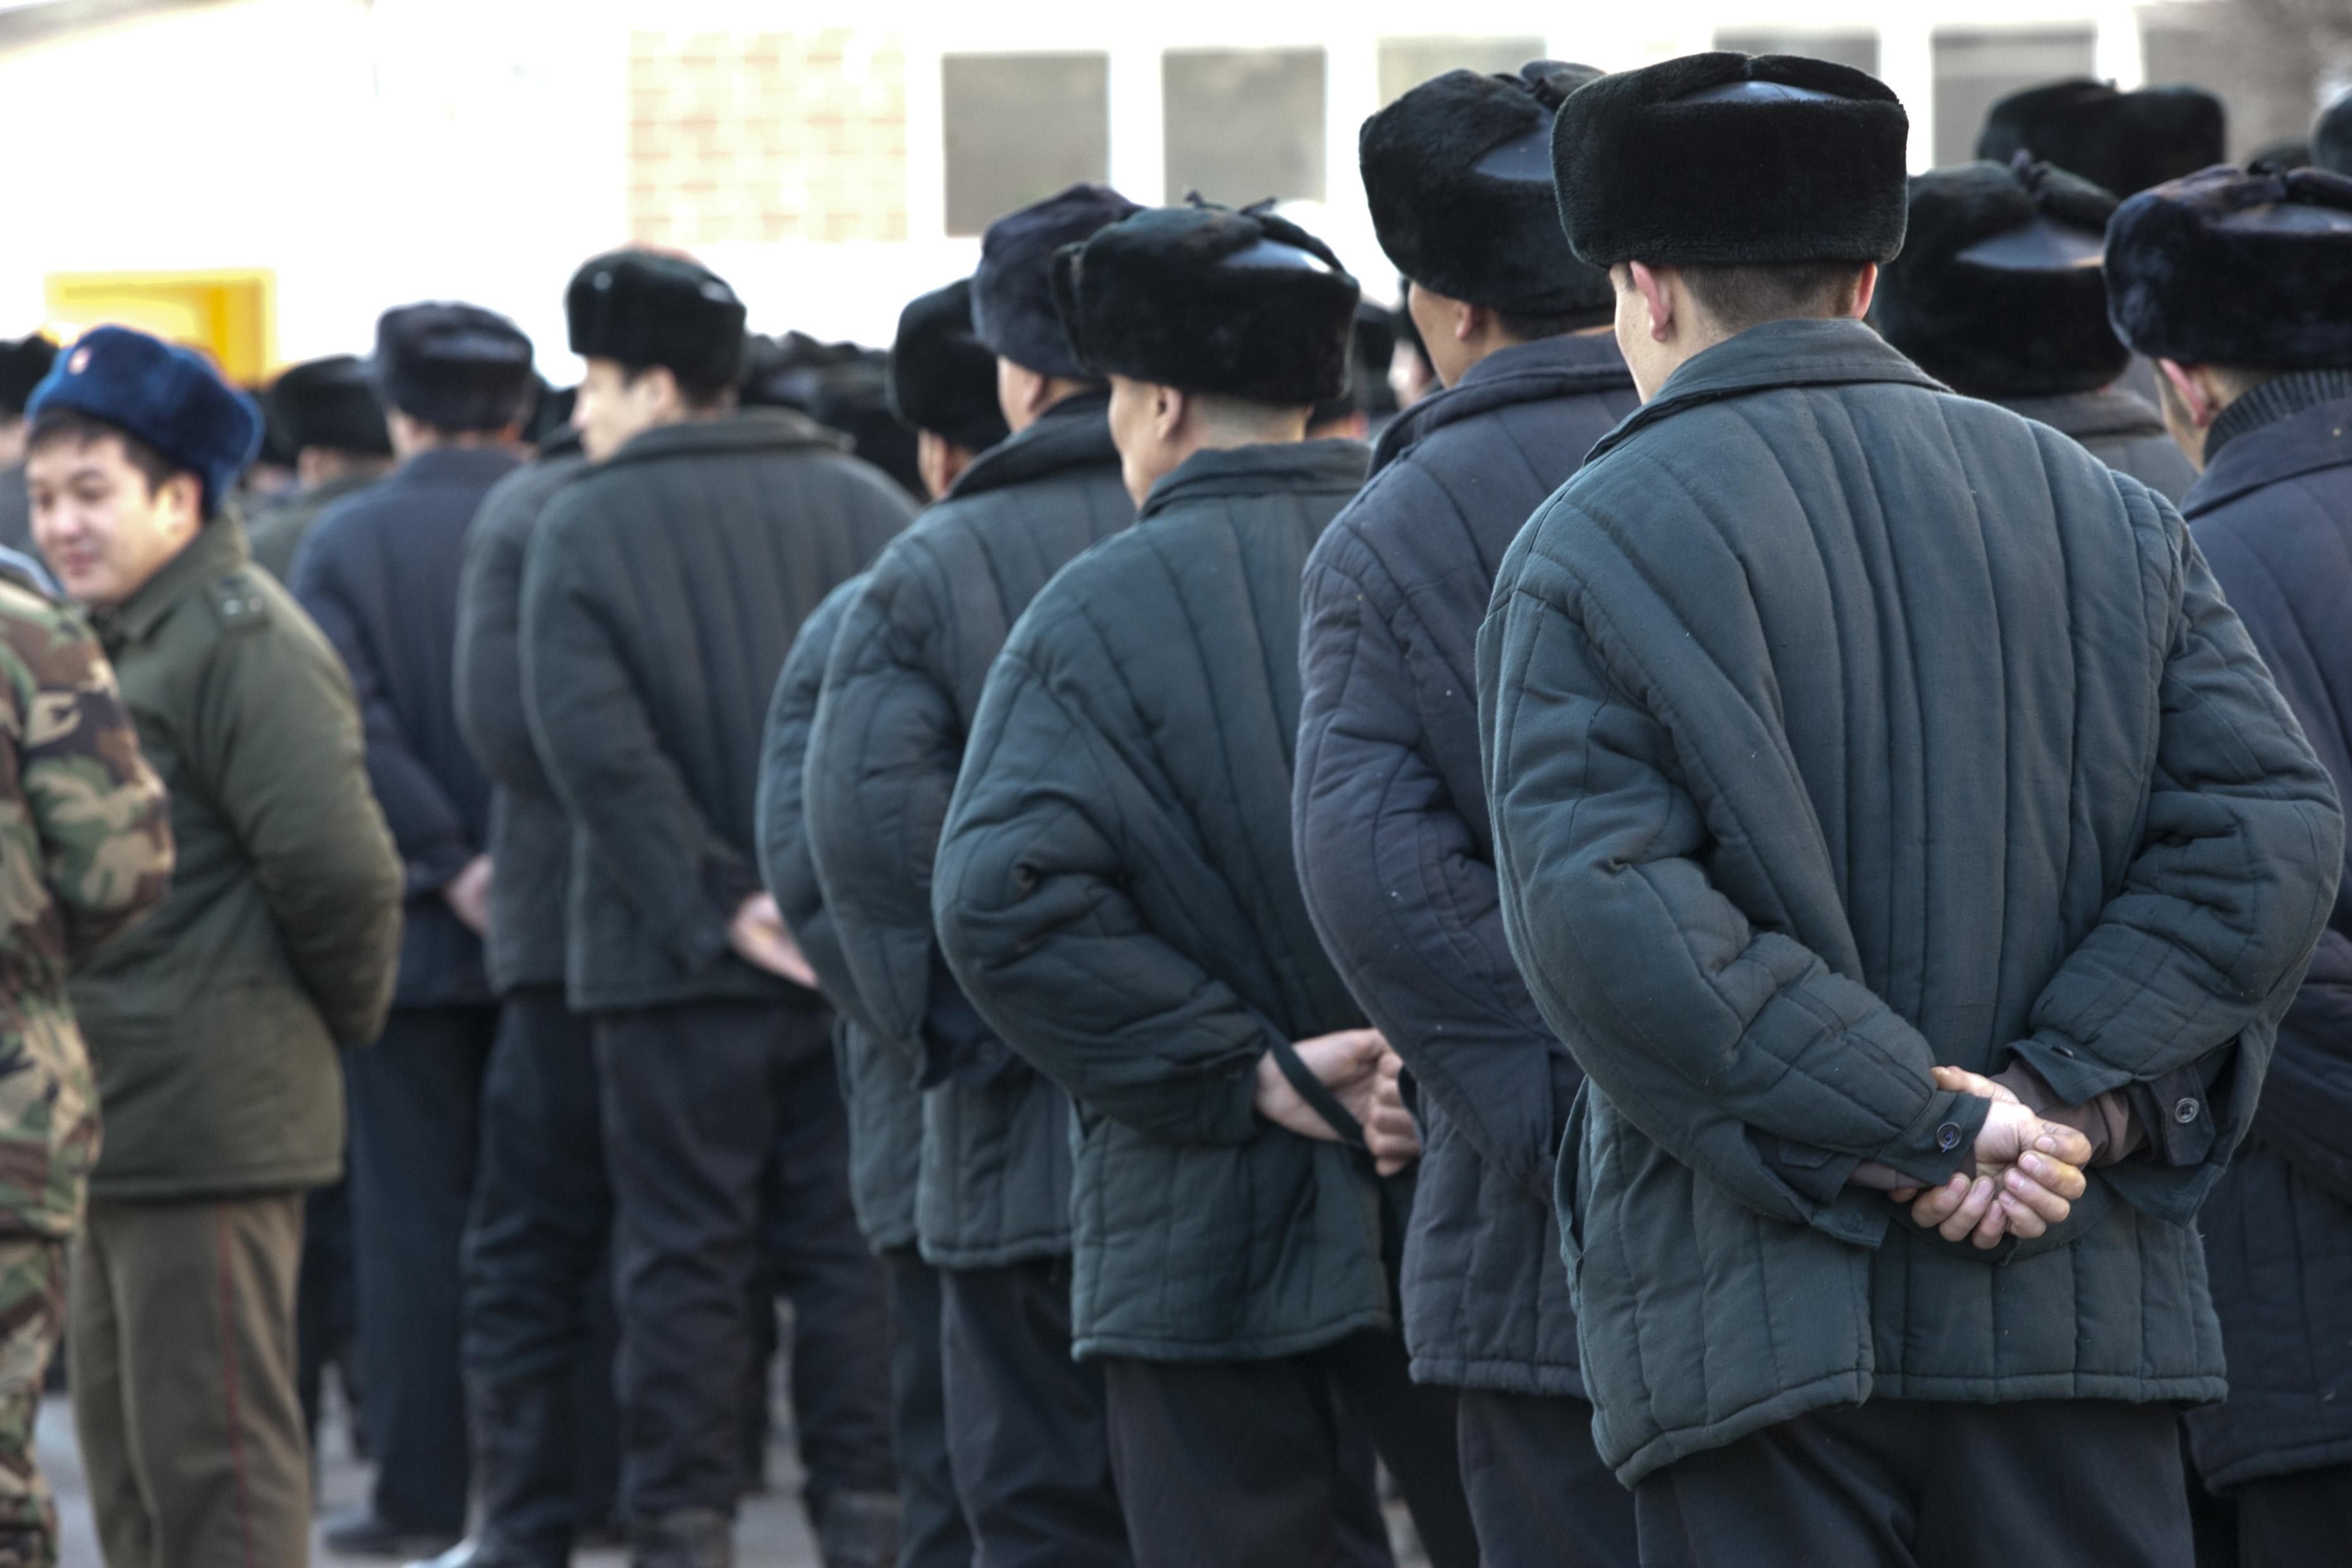 Кыргызстан обращается за международной помощью для предотвращения экстремизма в тюрьмах